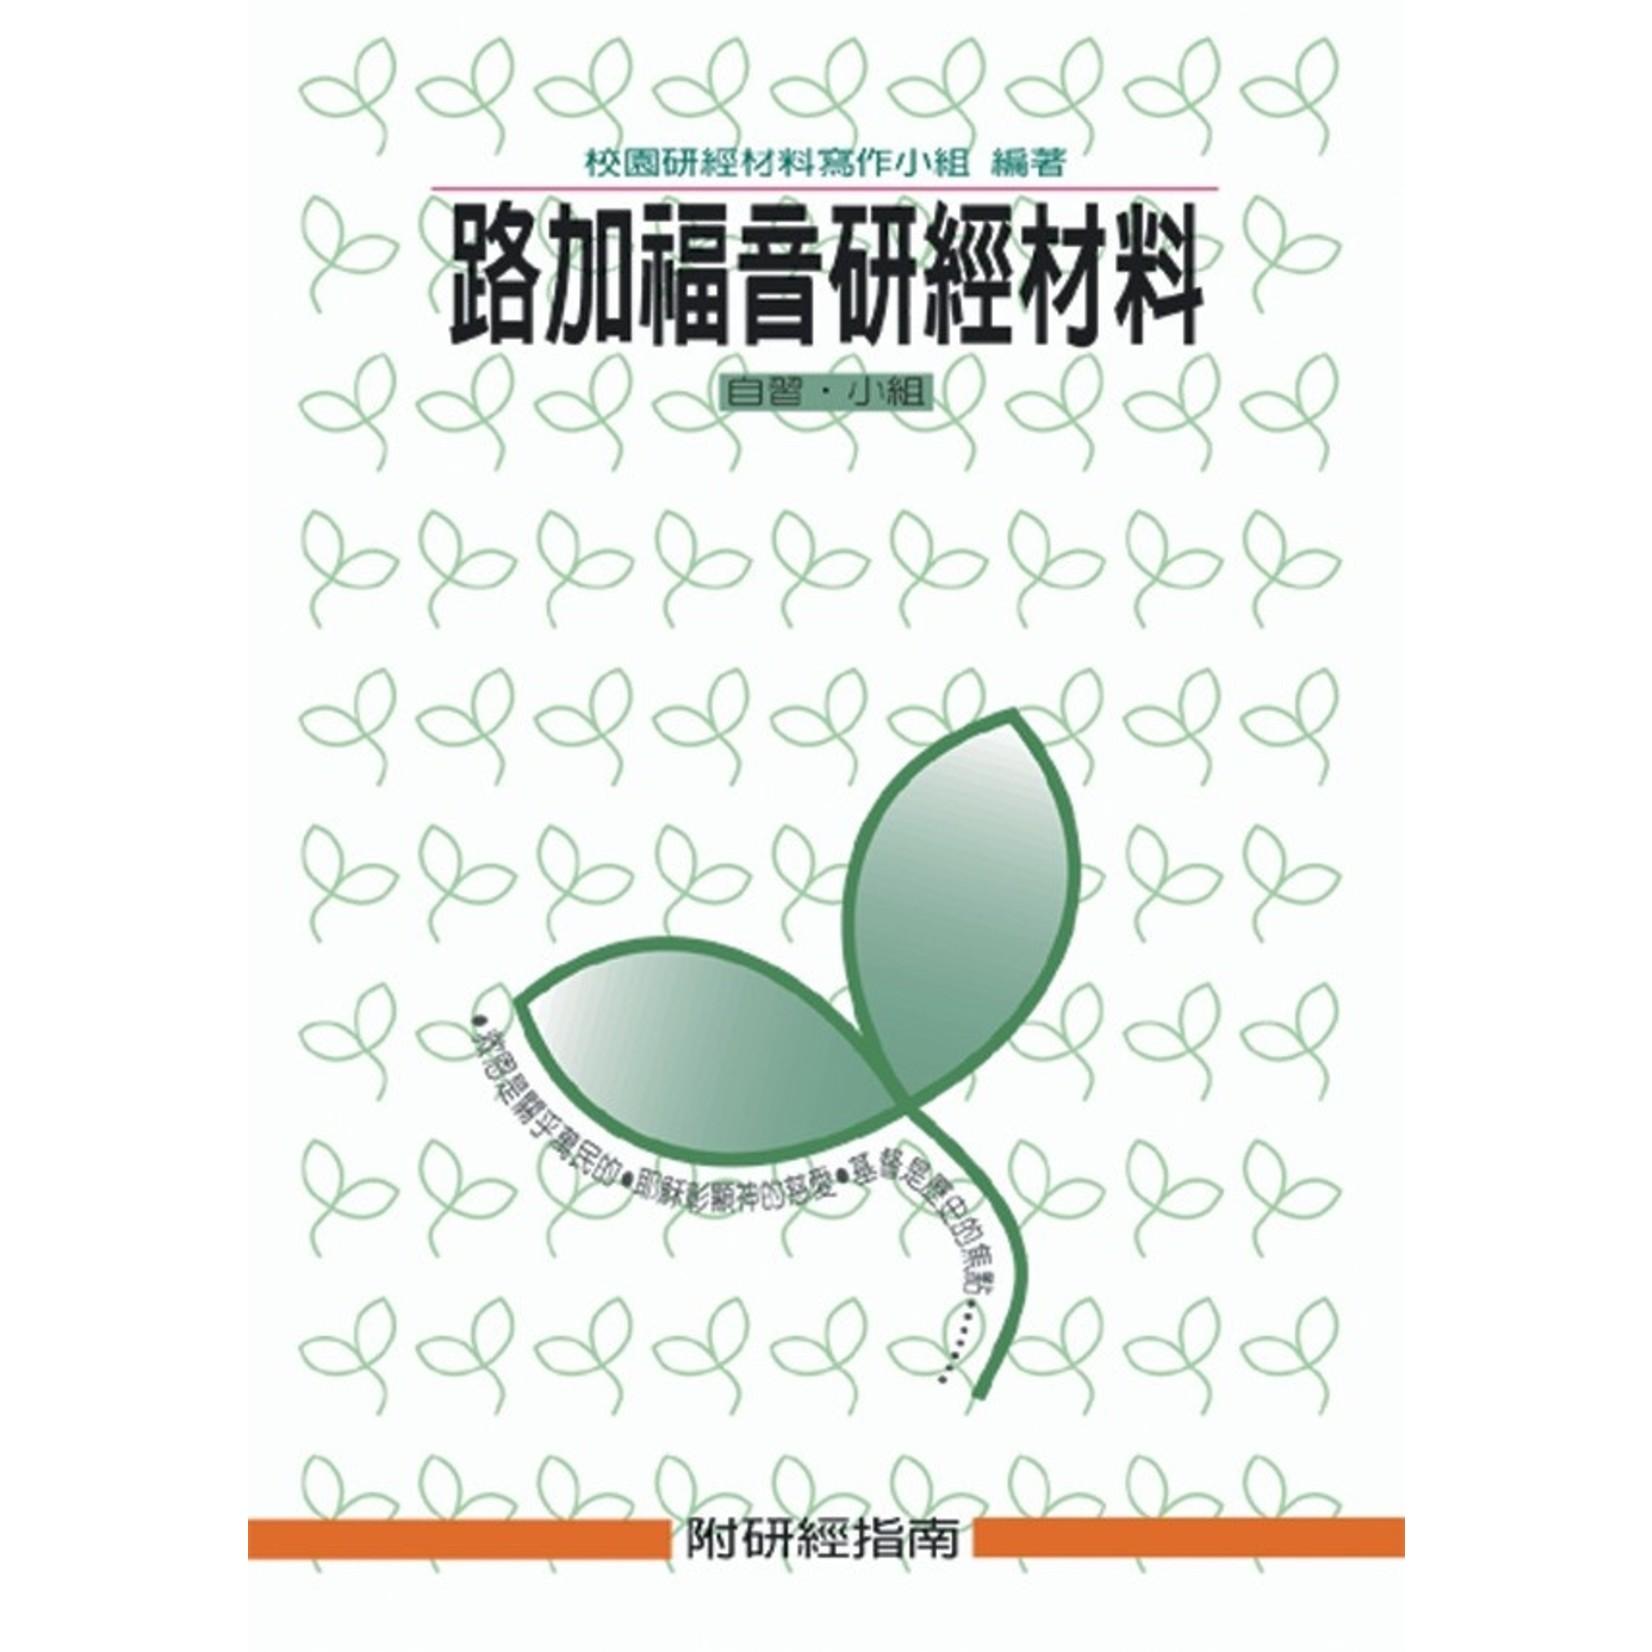 校園書房 Campus Books 路加福音研經材料